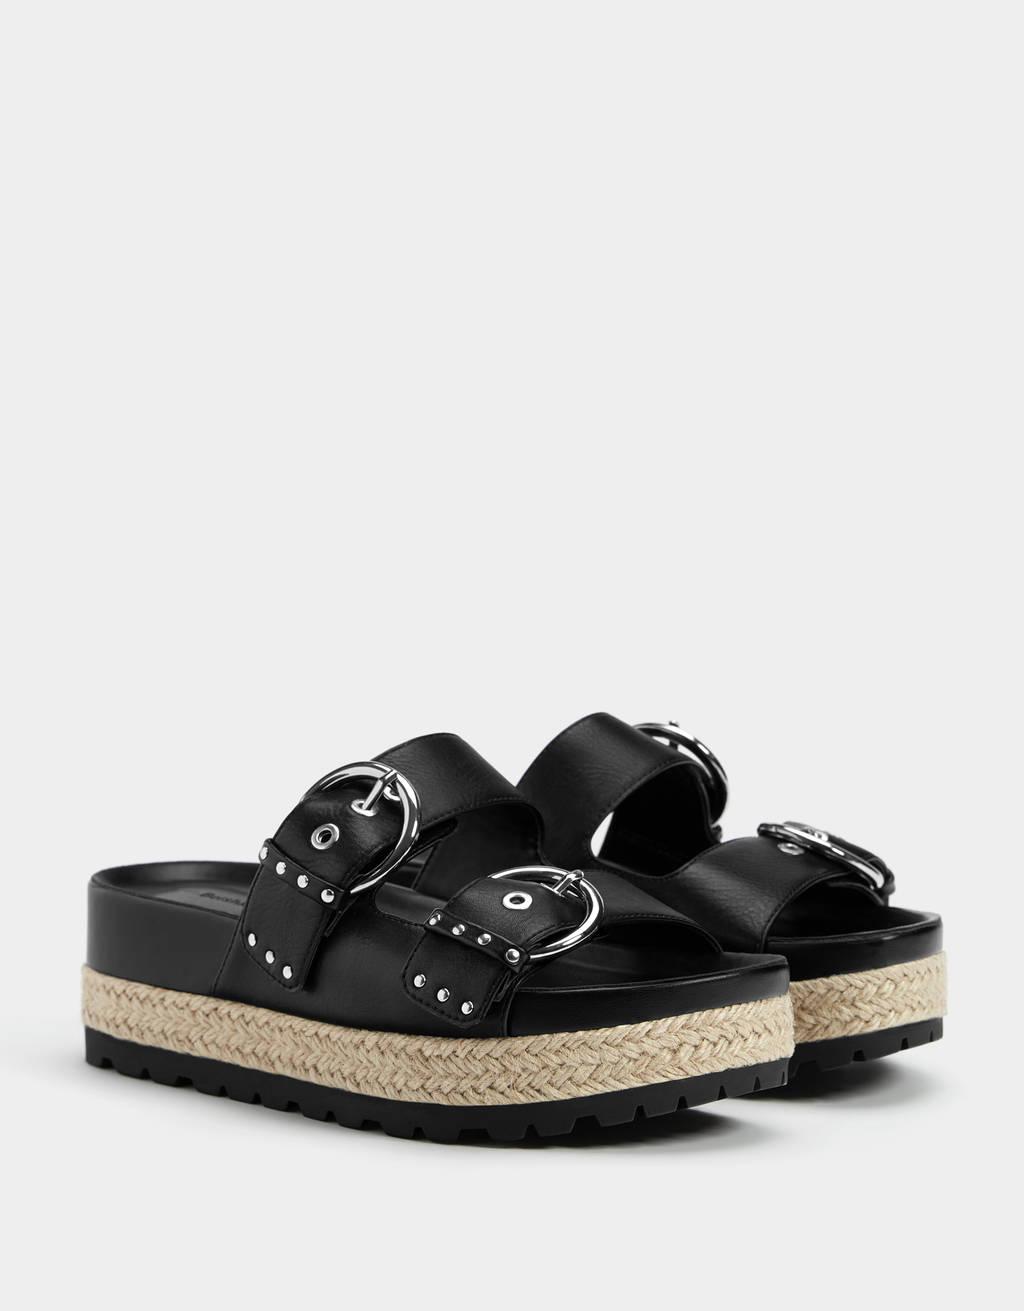 Studded platform sandals